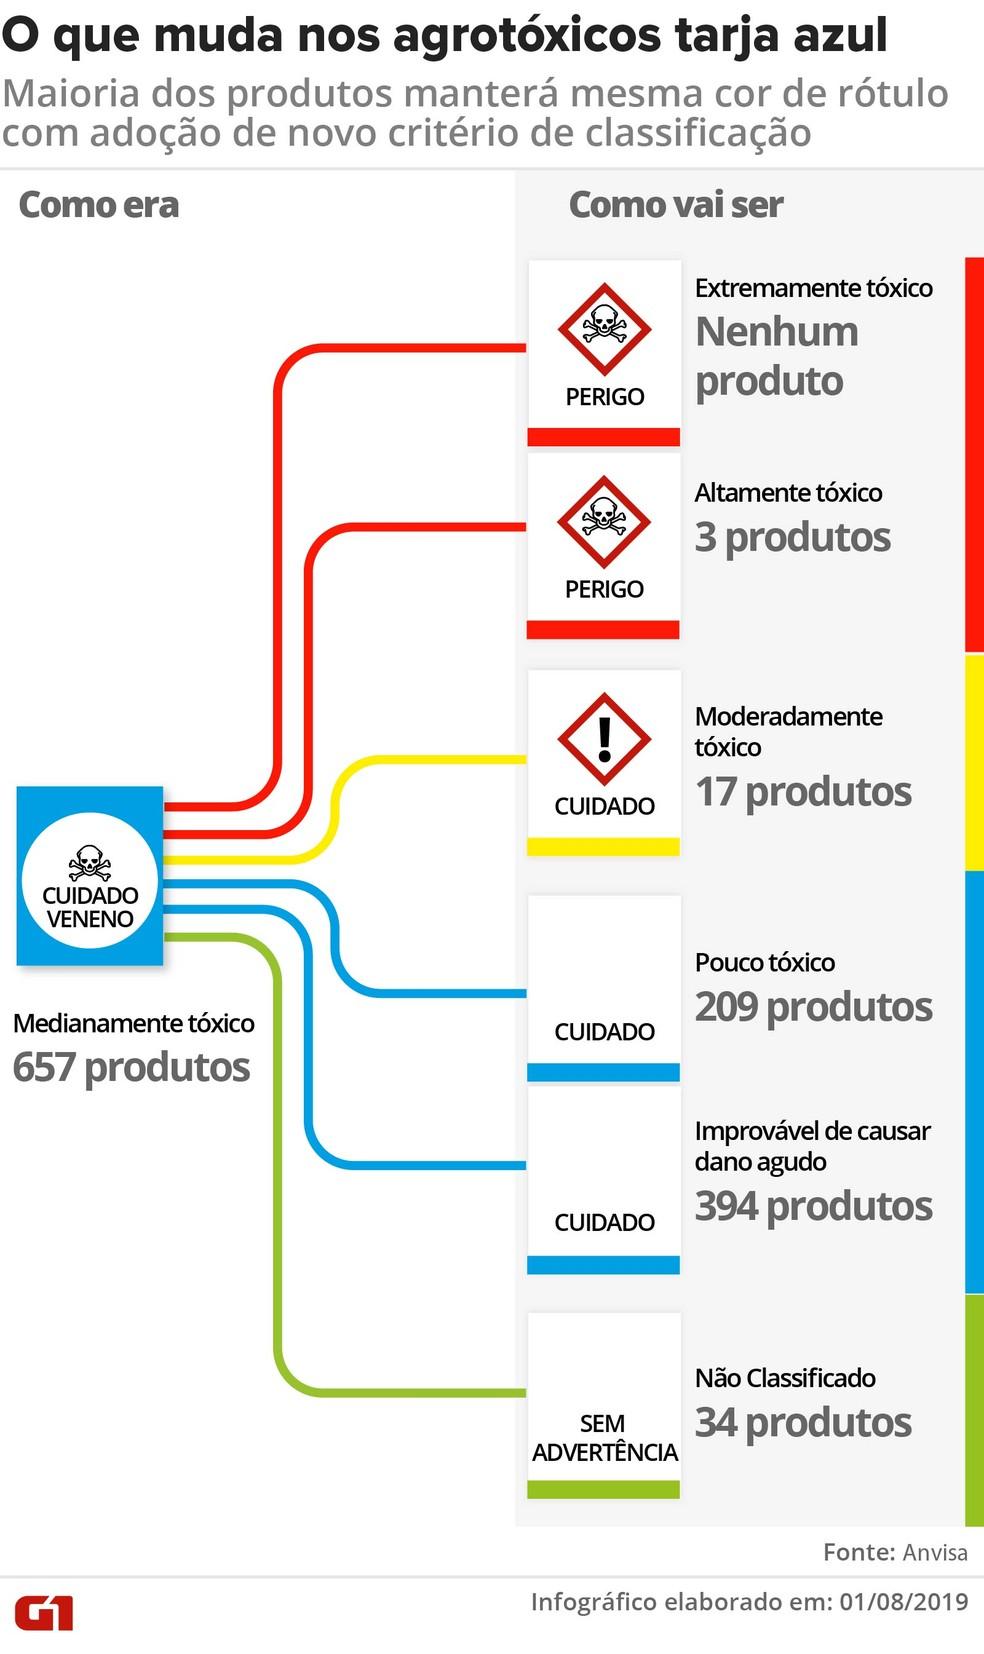 Veja a distribuição dos pesticidas de rótulo azul que vão mudar de categoria — Foto: Wagner Magalhães/G1